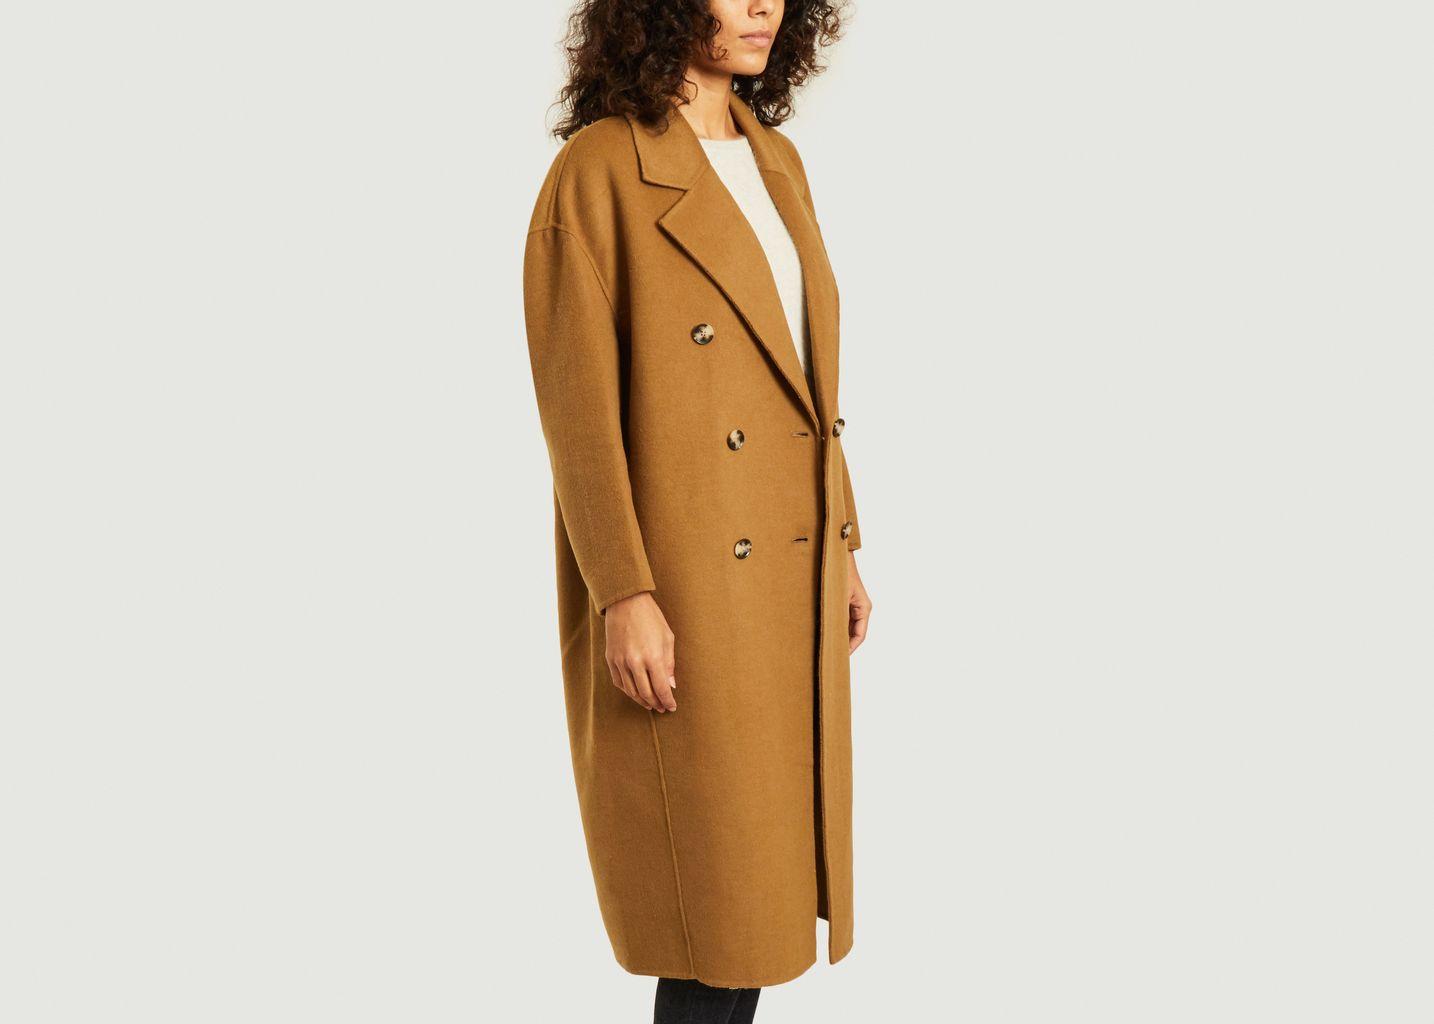 Manteau Dadoulove en laine - American Vintage